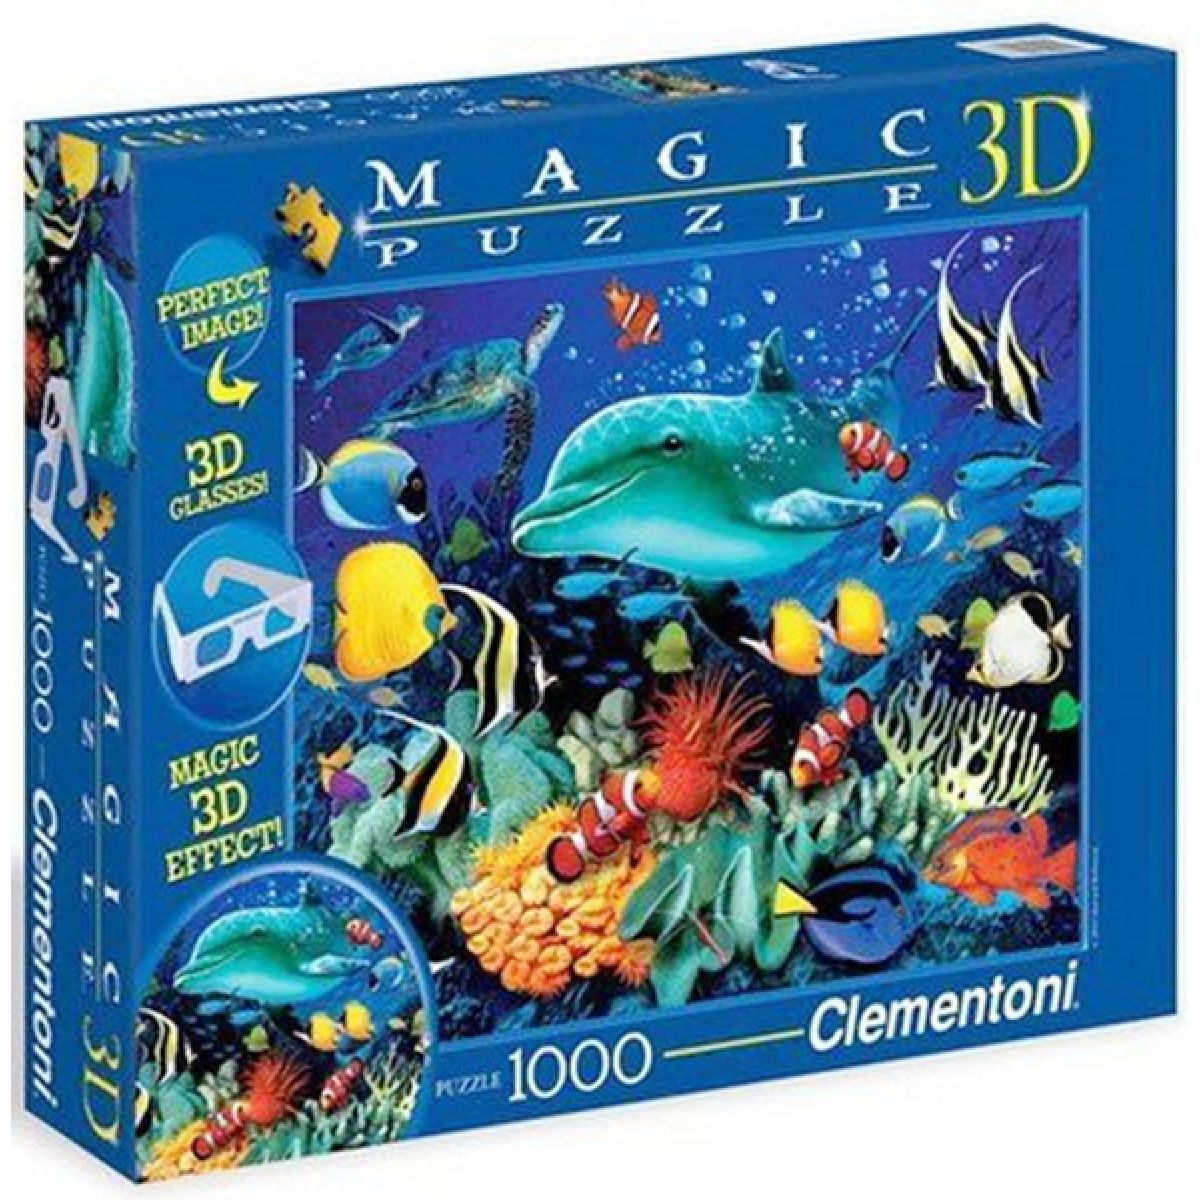 Clementoni Puzzle Magic 3D Delfín 1000d